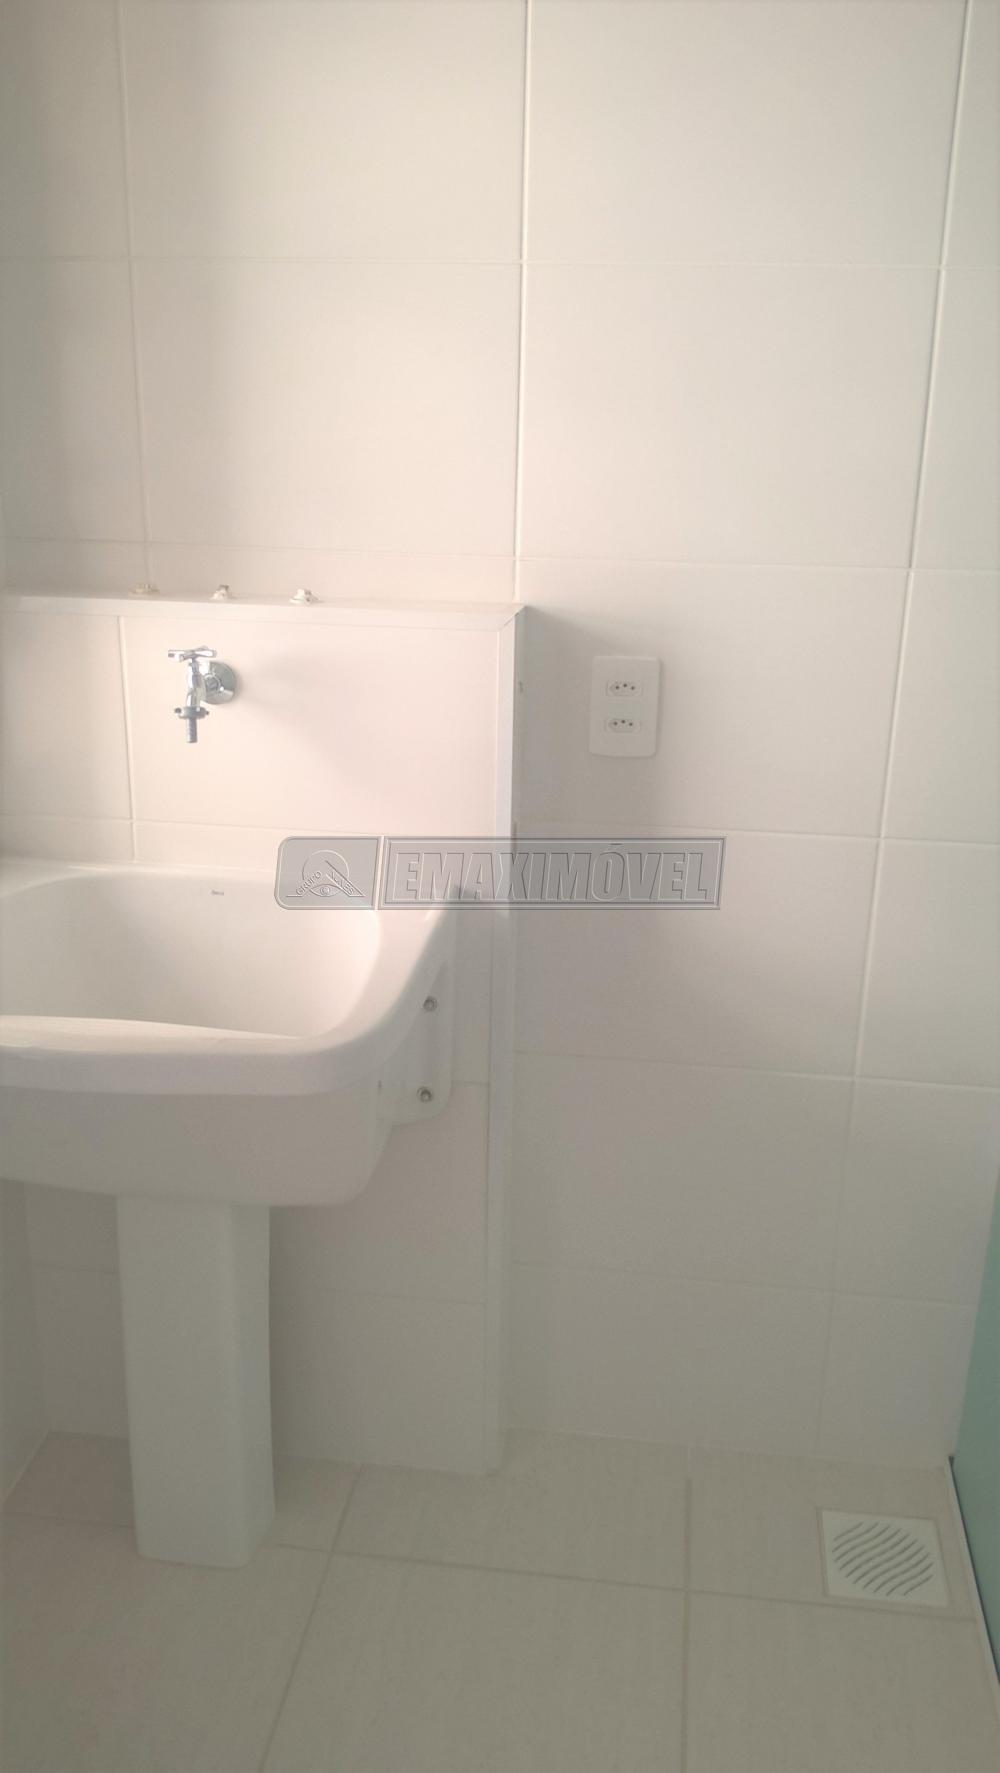 Comprar Apartamentos / Apto Padrão em Sorocaba apenas R$ 480.000,00 - Foto 9